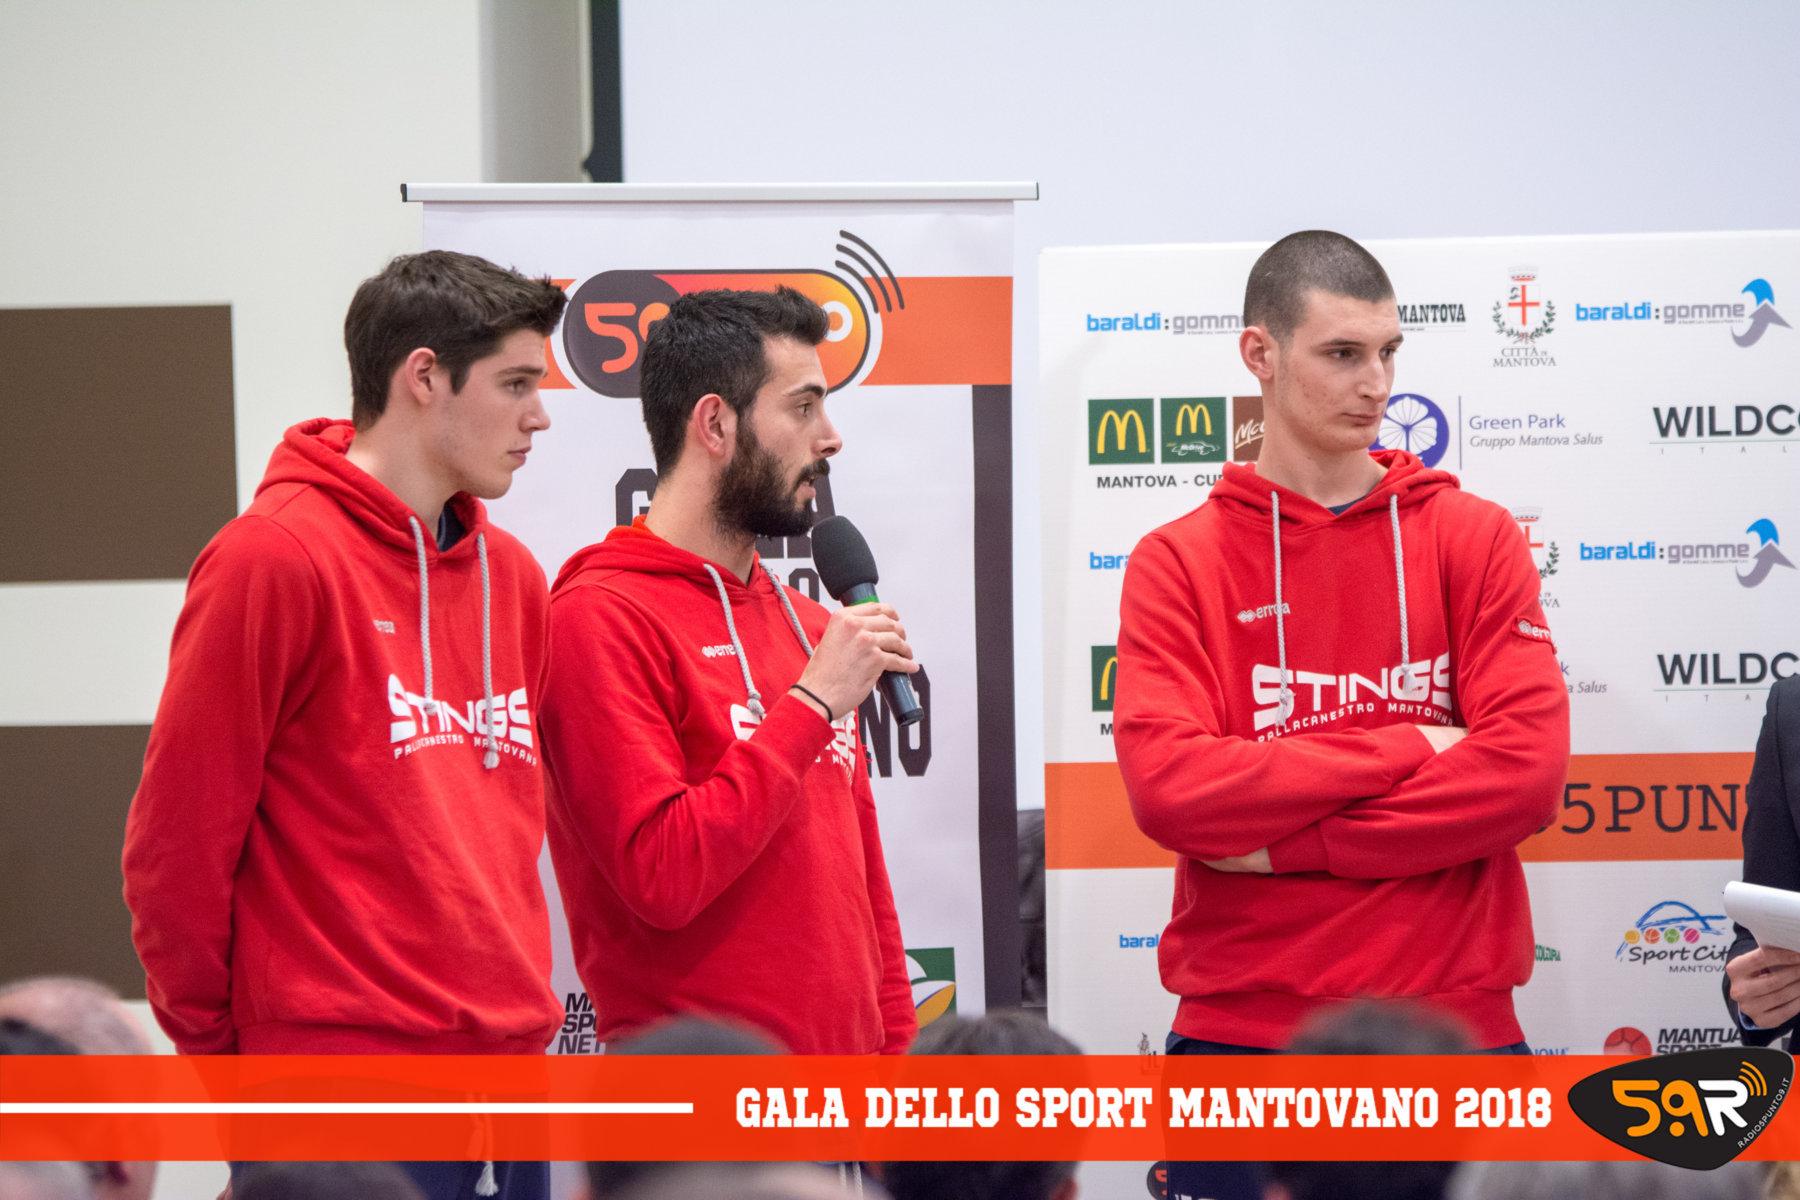 Gala dello Sport Mantovano 2018 Web Radio 5 (9)